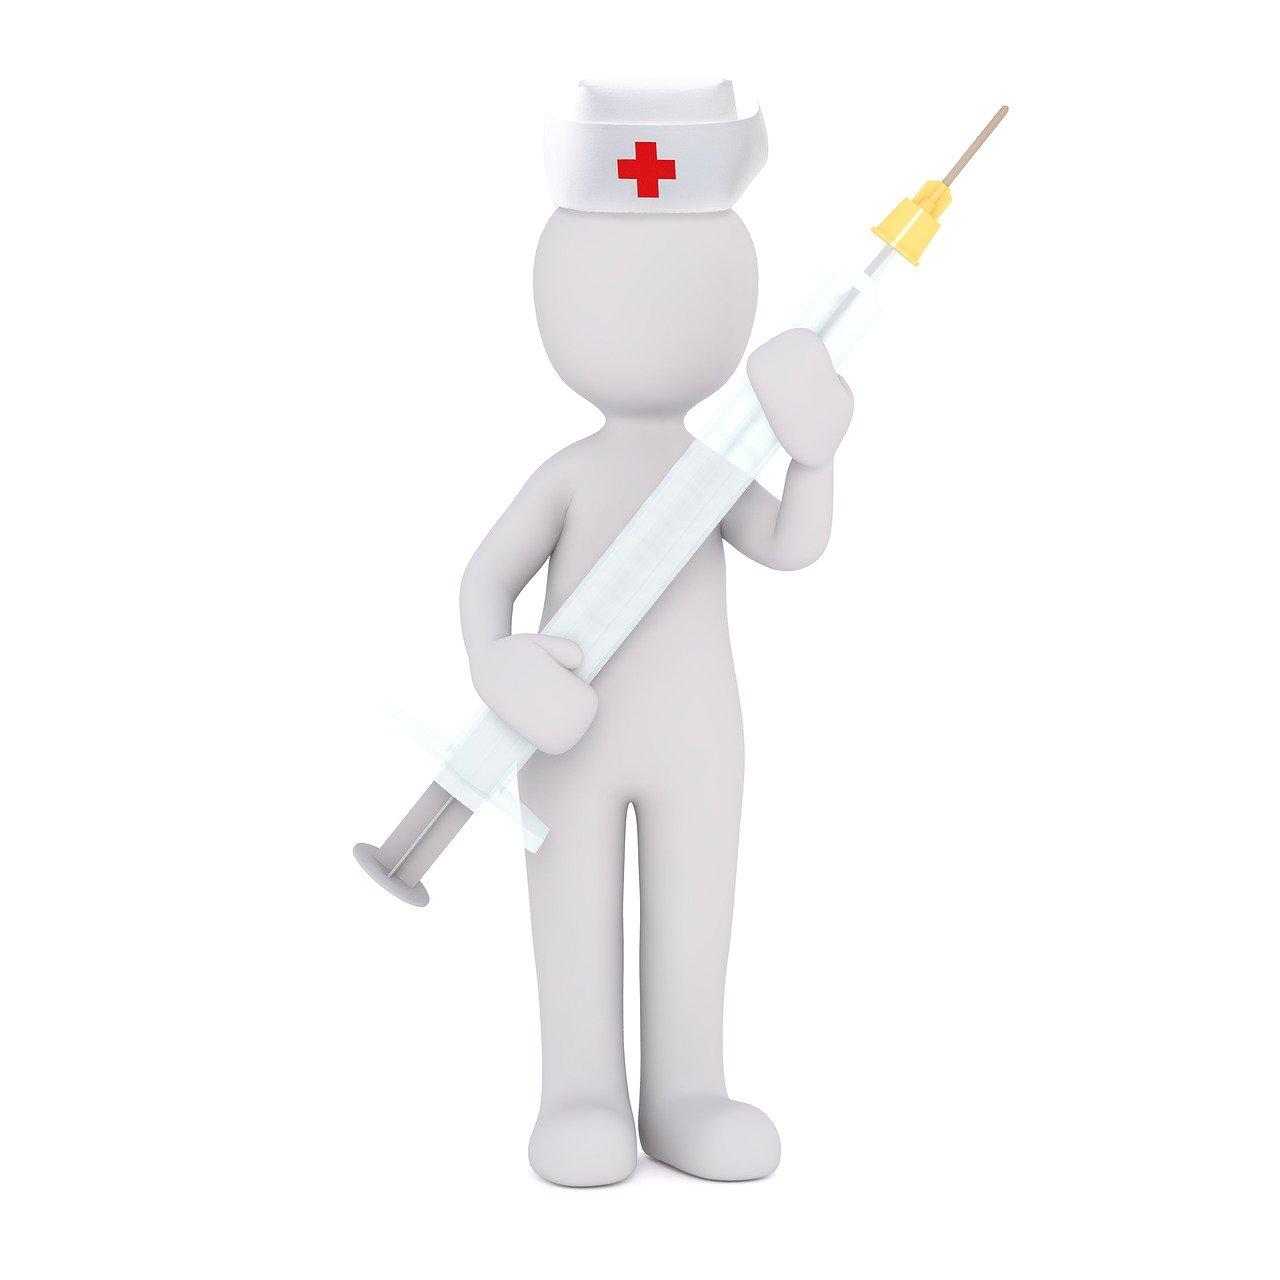 Krankenschwester-Figur - Quelle: Pixabay